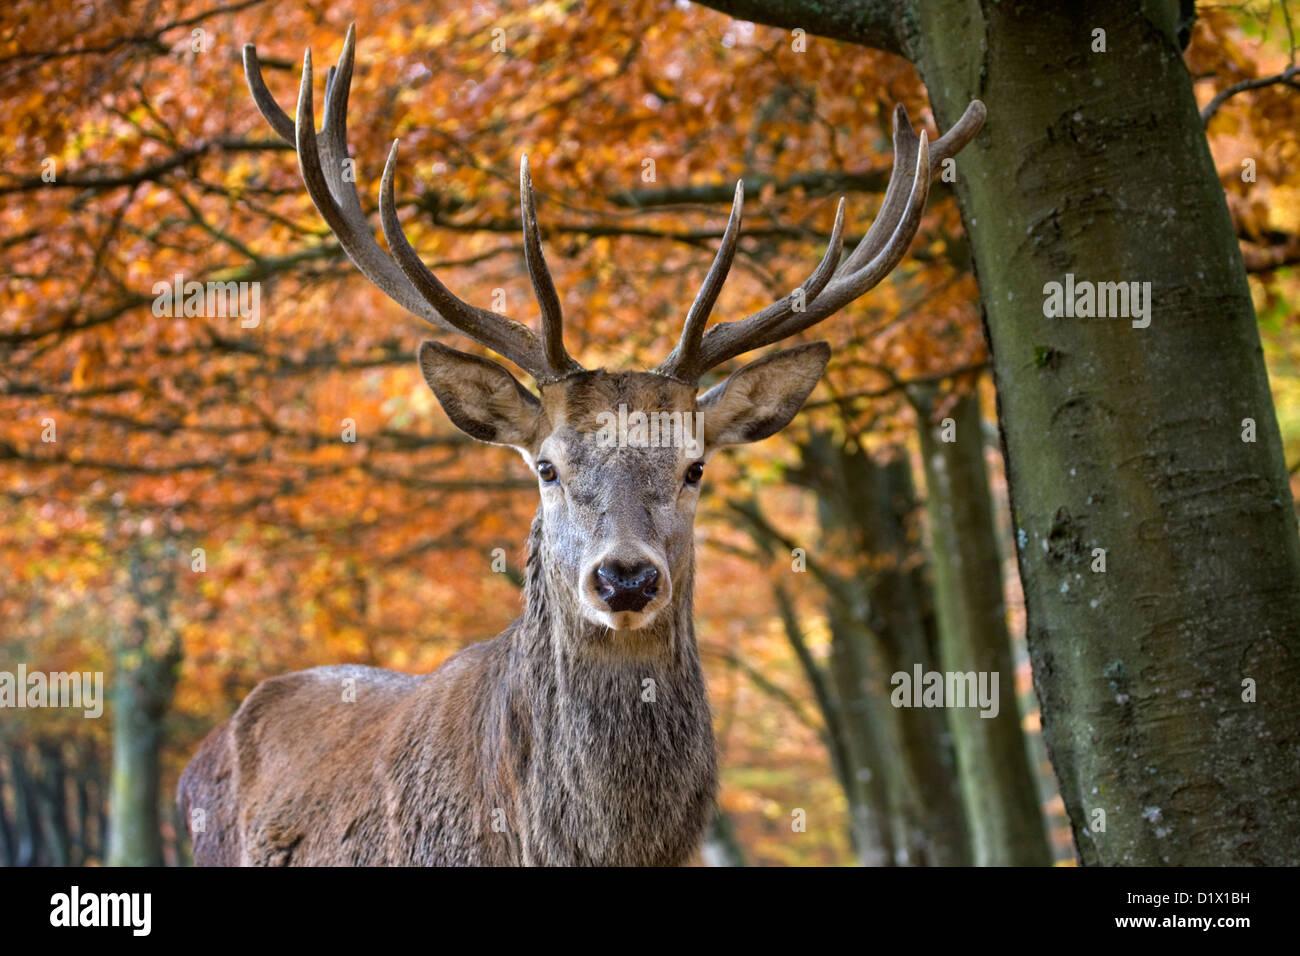 Ciervo rojo (Cervus elaphus) cerca de ciervo en otoño bosque, Ardenas belgas, Bélgica Imagen De Stock